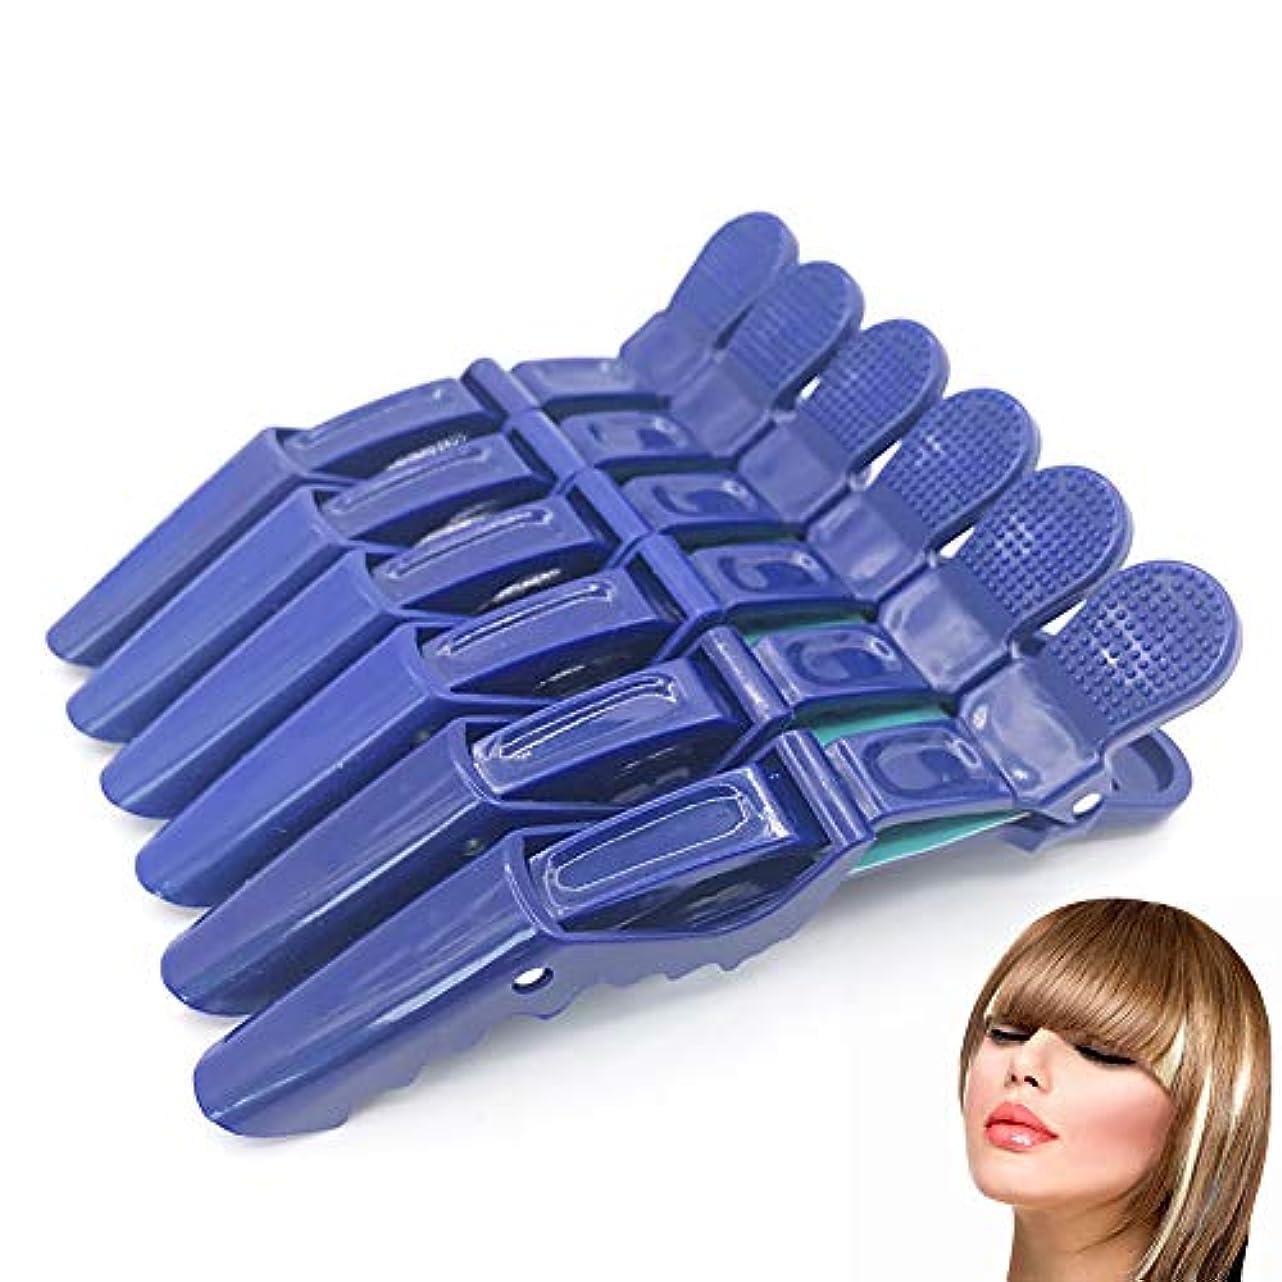 セレナ言語できる6 /保持クリップ、プロ毛髪はヘアクリップセグメント固体プラスチックノンスリップグリップワニ口クリップ髪、毛の粗い及び細かい歯幅(青)切断